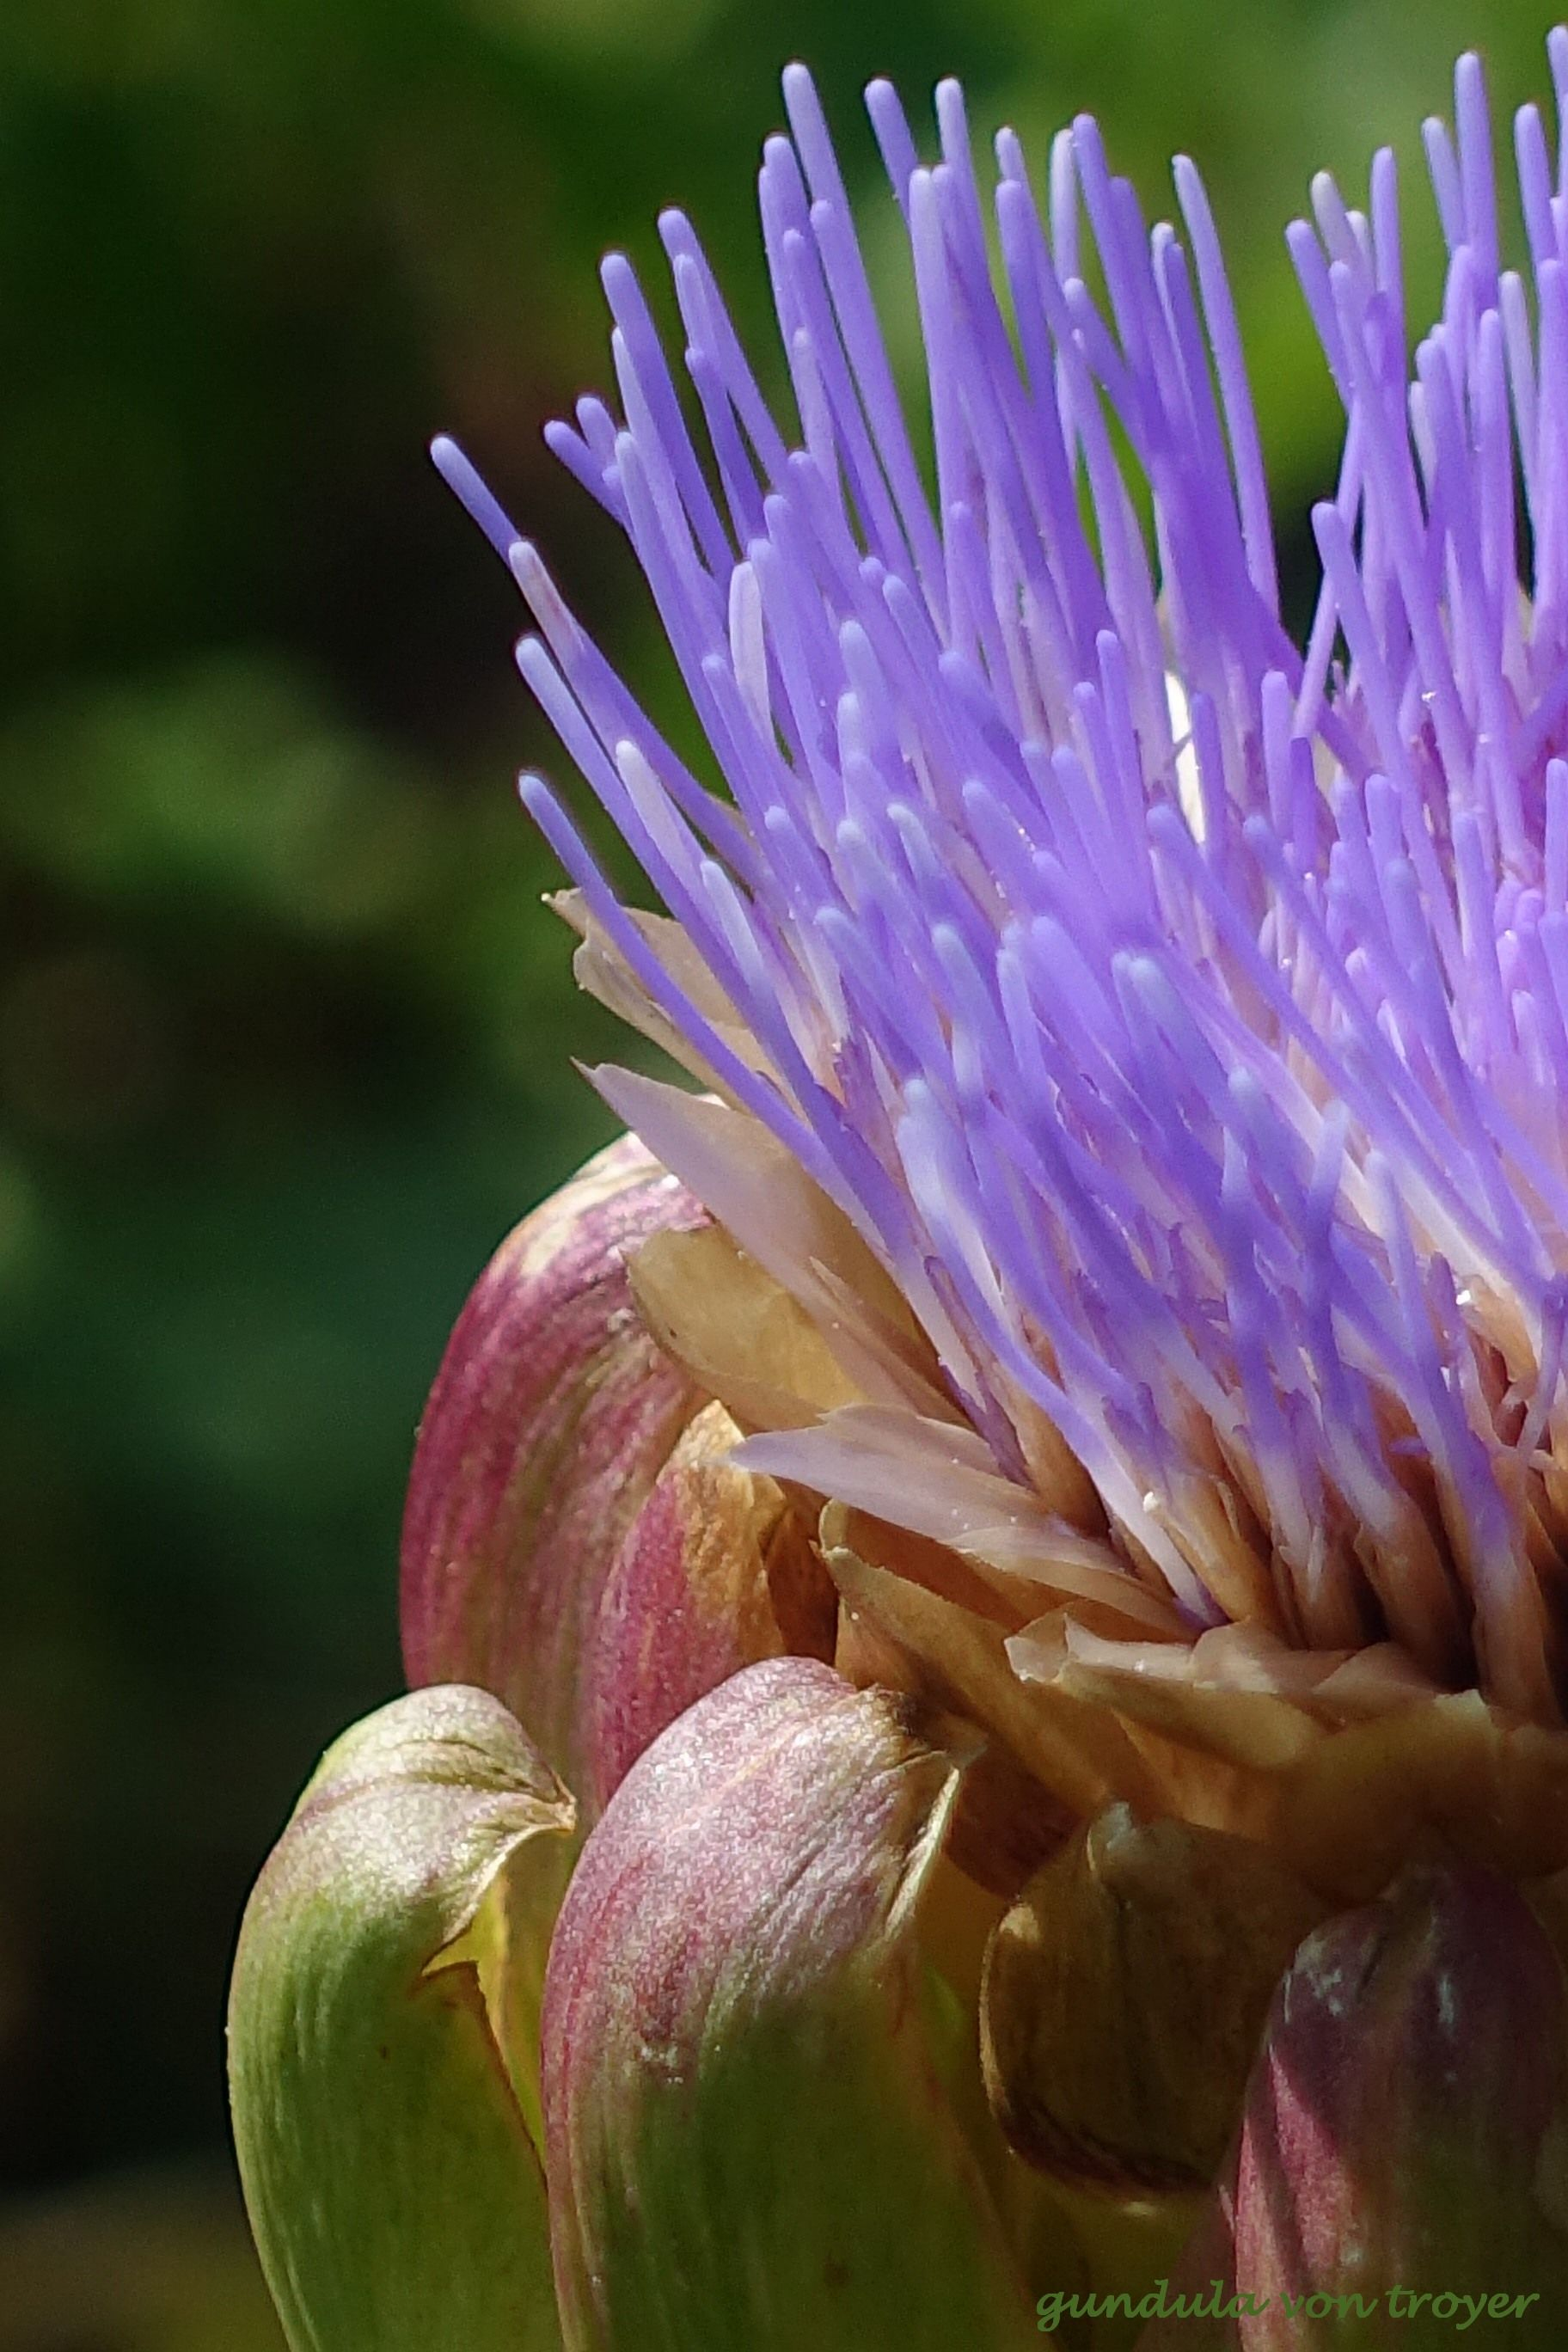 Artischockenblute Artischocke Artischockenblute Pflanzen Garten